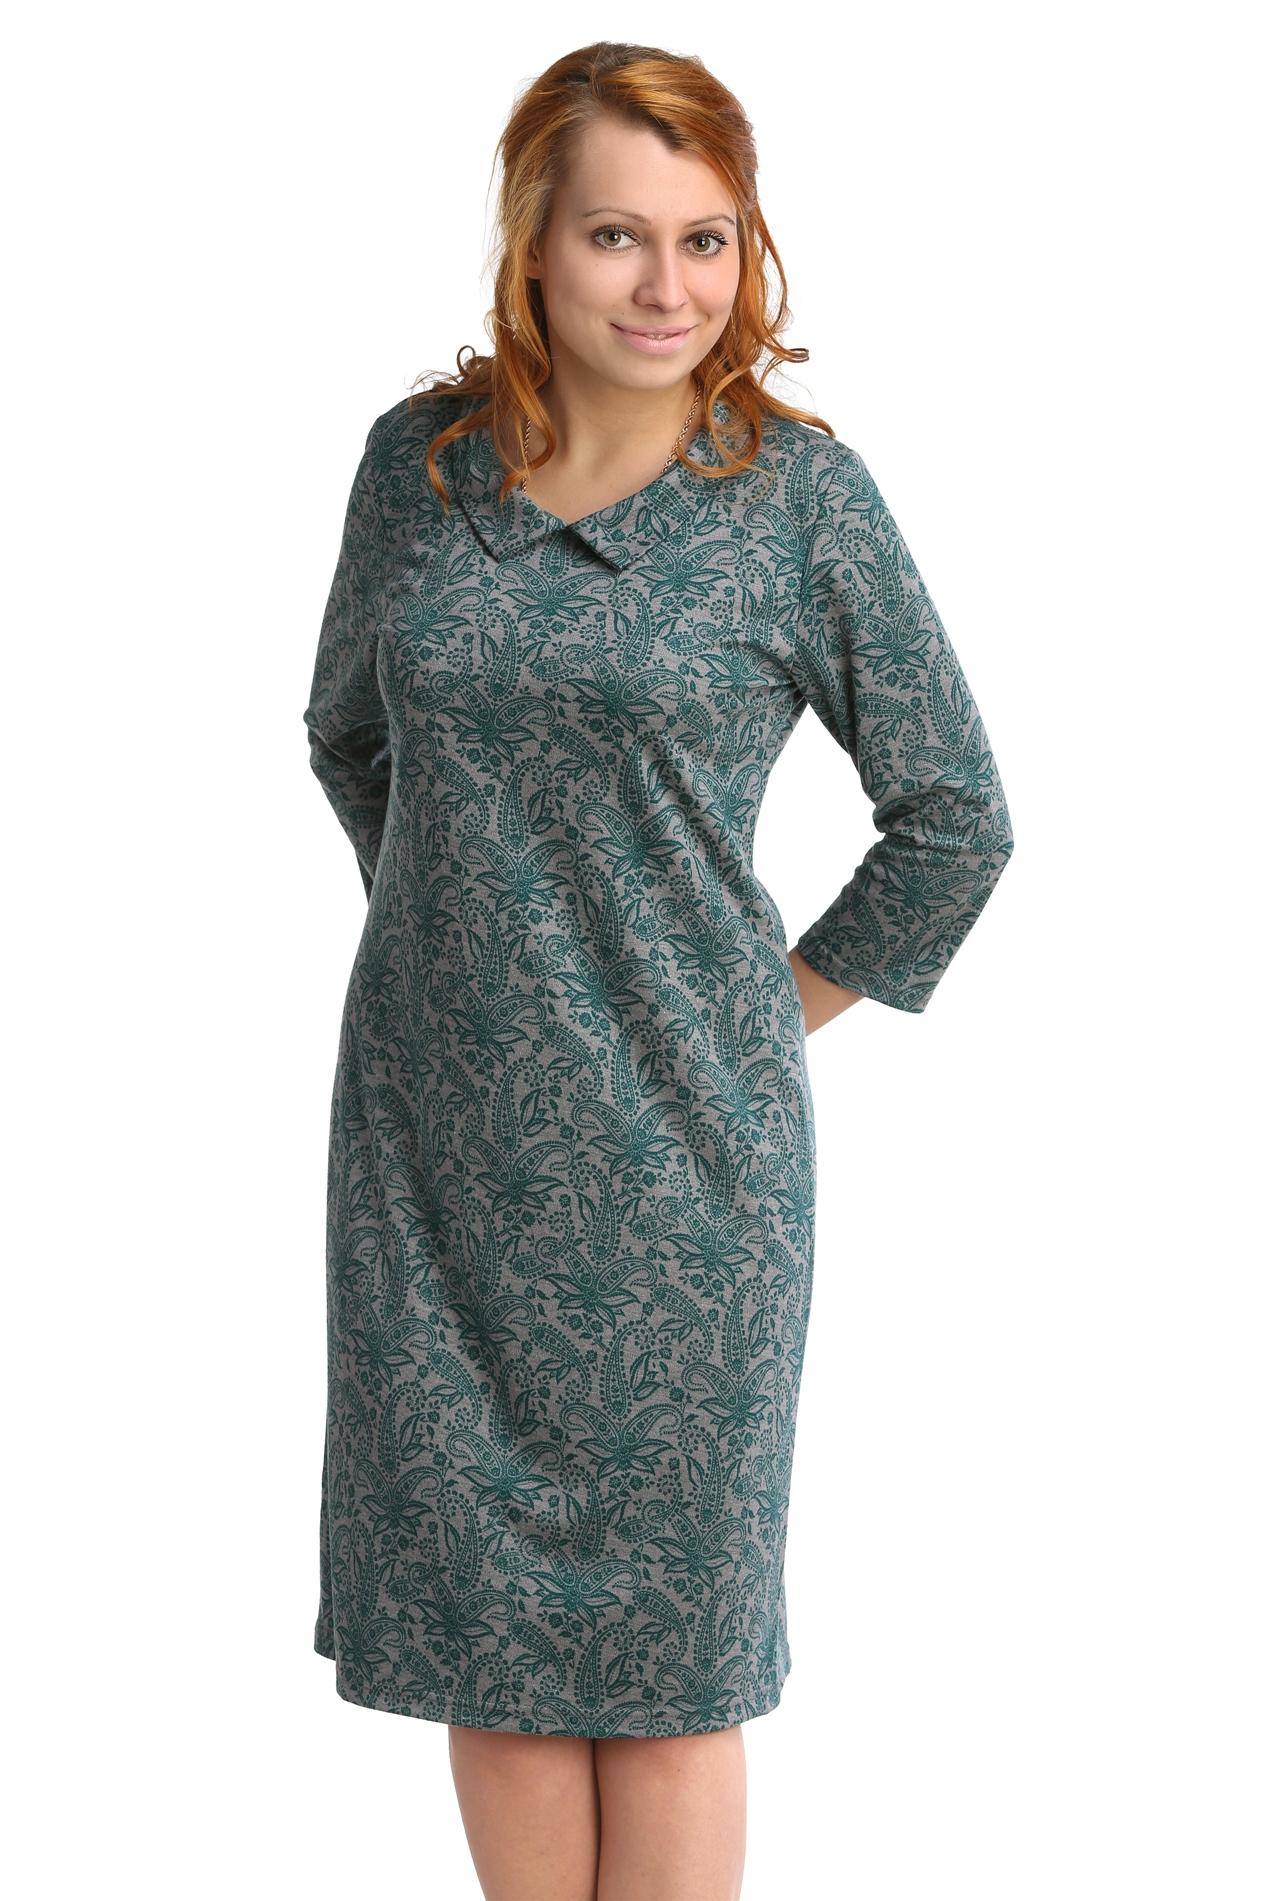 Жен. платье арт. 16-0073 Зеленый р. 50Платья<br>Обхват груди:100 см<br>Обхват талии:82 см<br>Обхват бедер:108 см<br>Длина по спинке:99 см<br>Рост:164-170 см<br><br>Тип: Жен. платье<br>Размер: 50<br>Материал: Интерлок